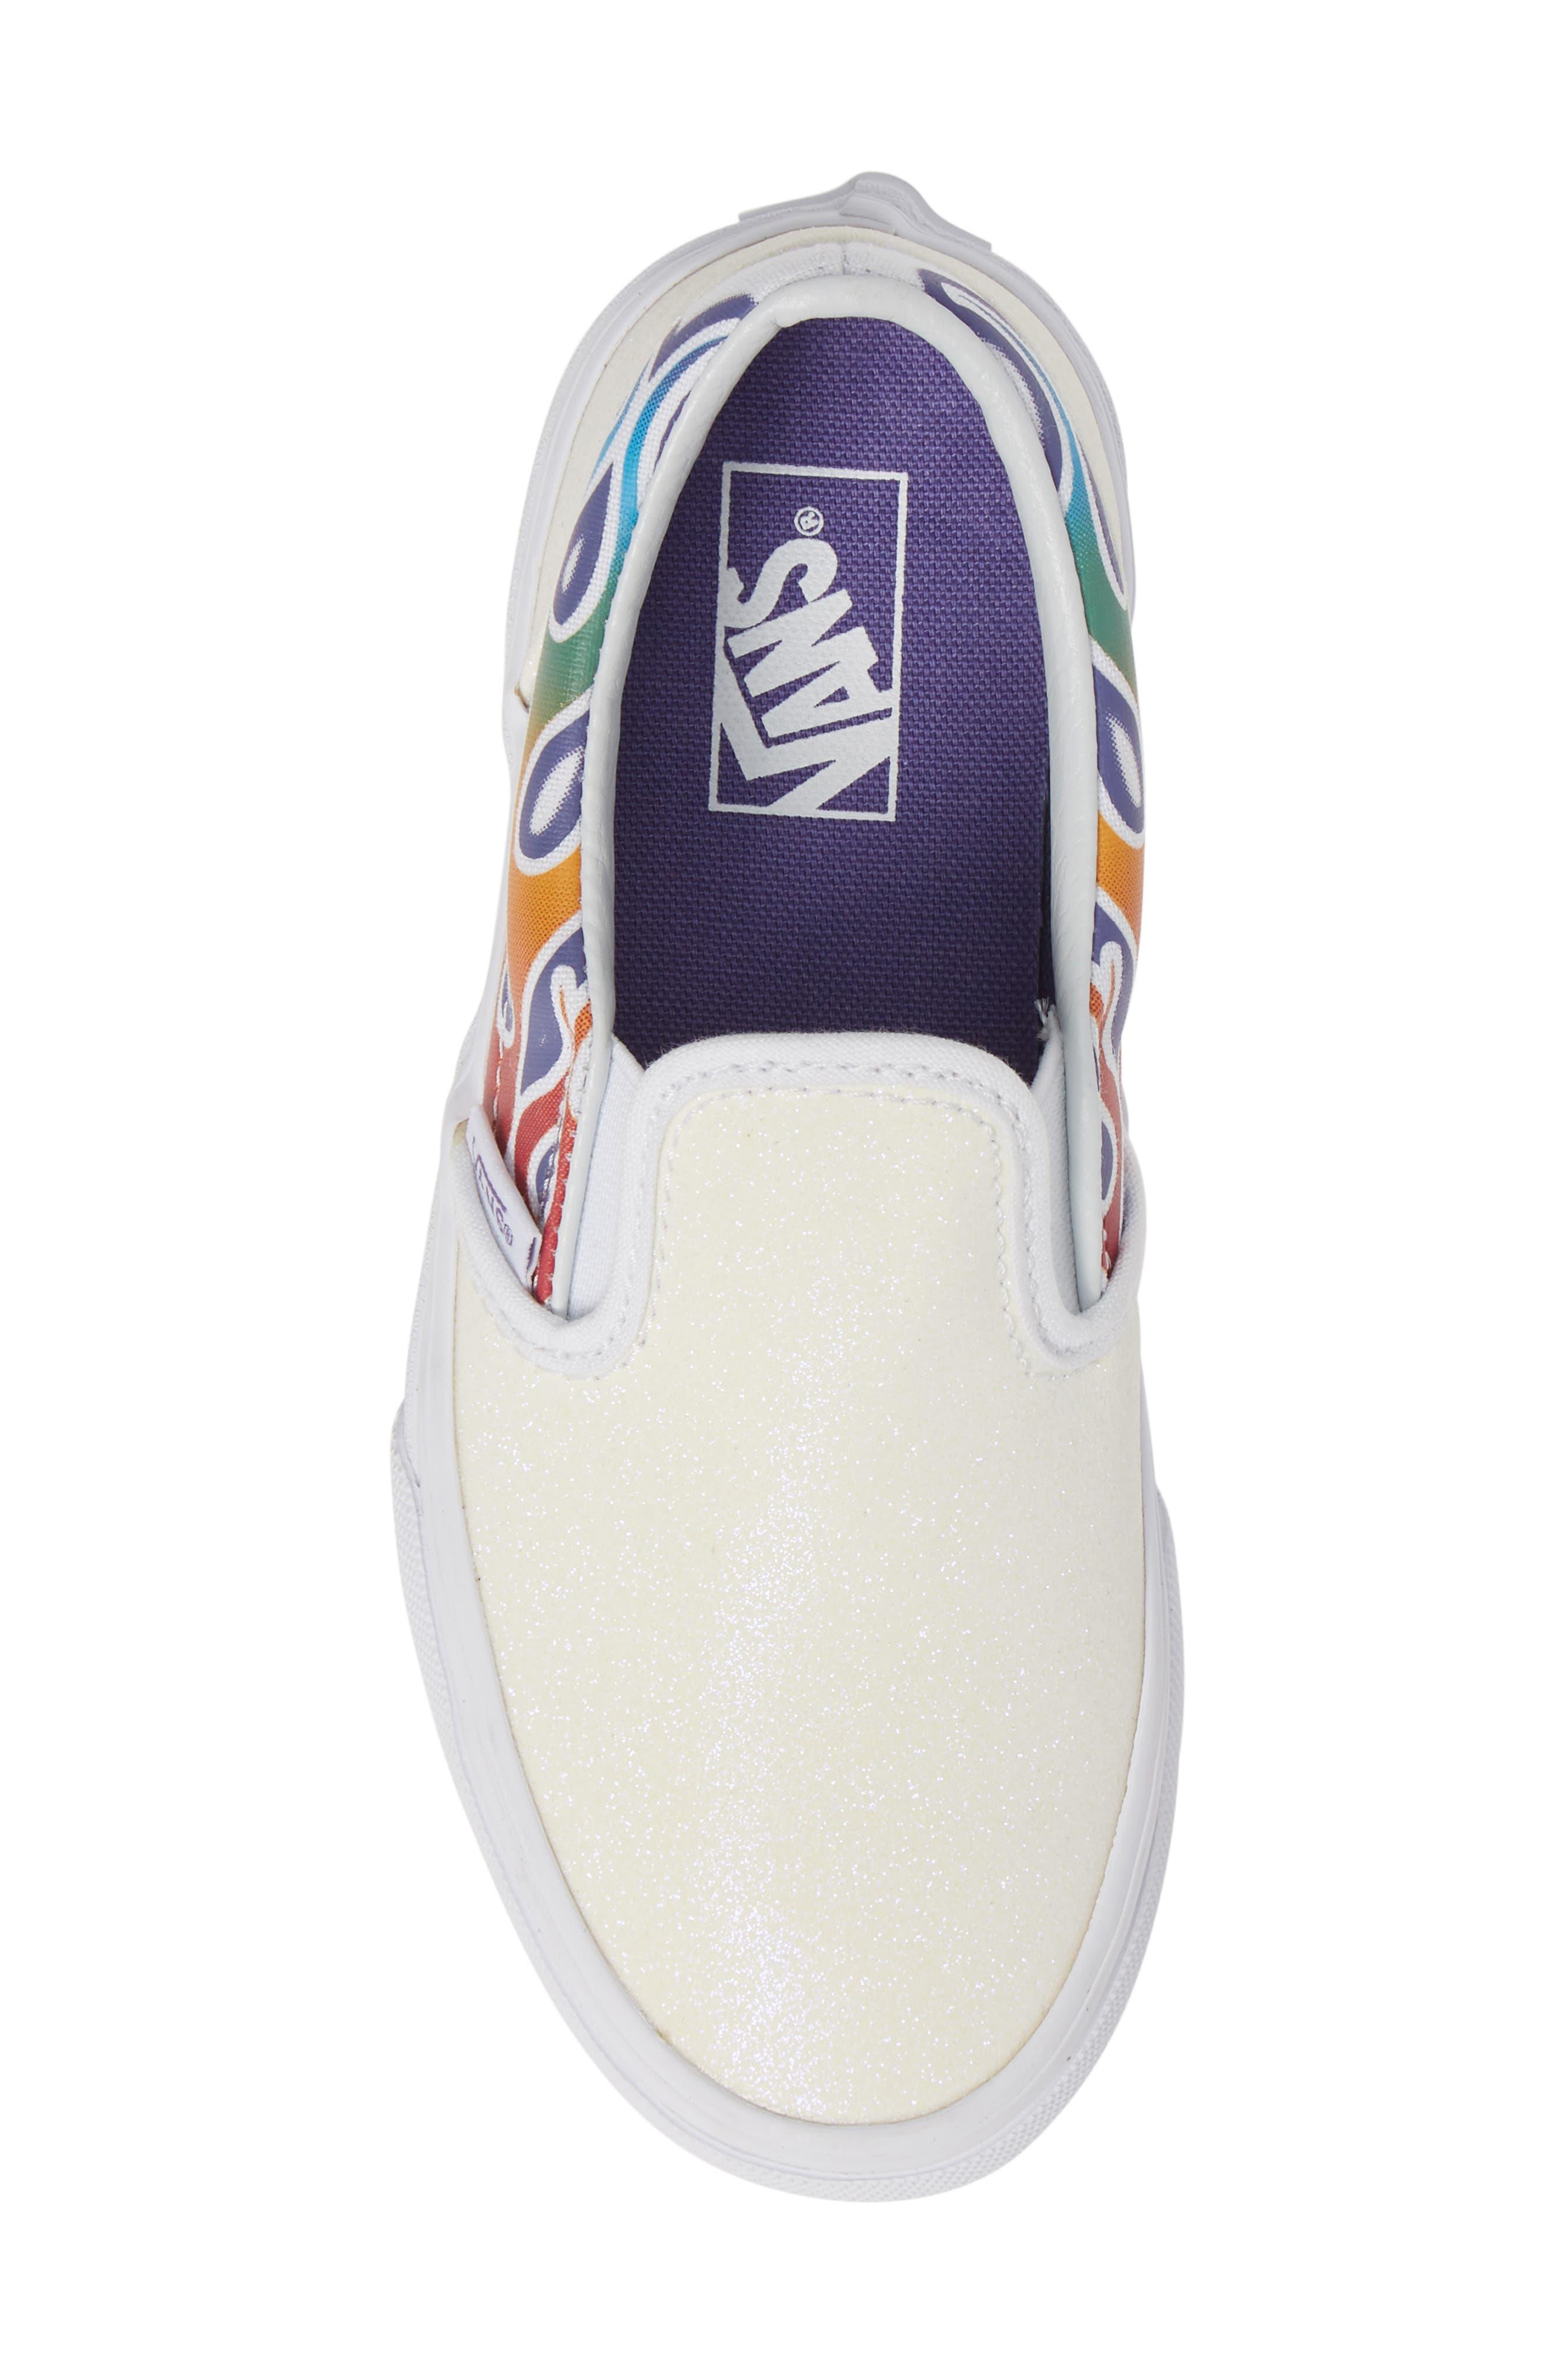 VANS,                             Classic Slip-On Glitter Sneaker,                             Alternate thumbnail 5, color,                             110